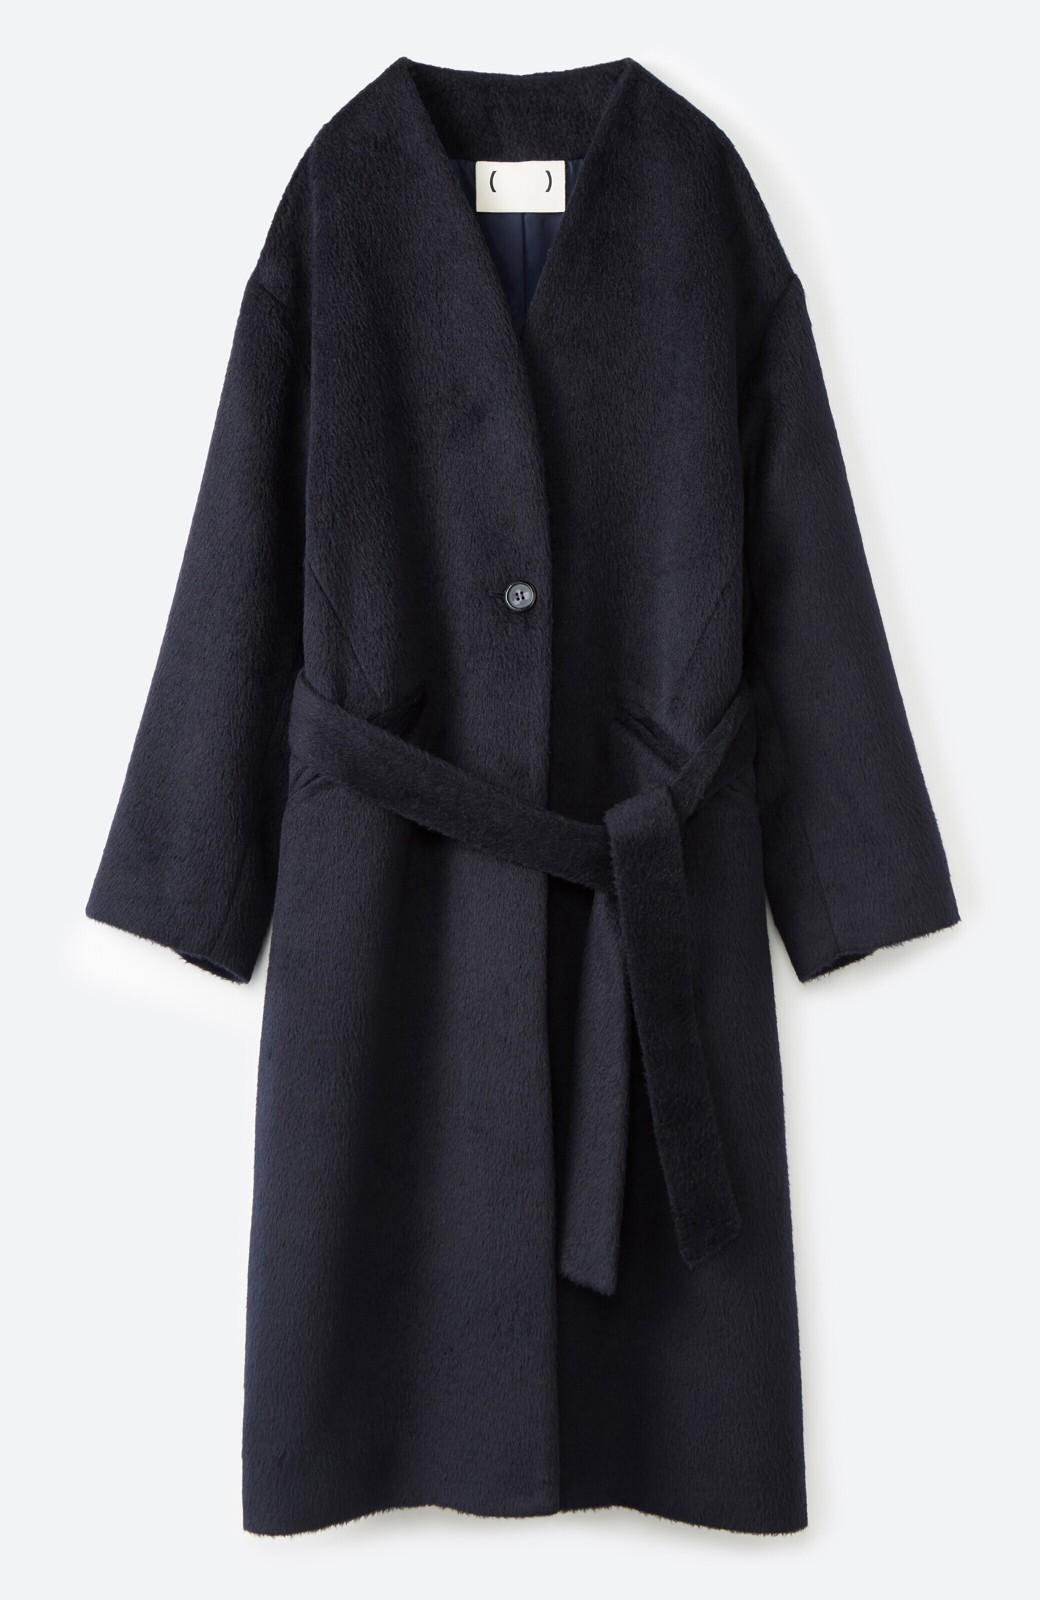 haco! 女っぽくもかっこよくも着られる ベルトつきノーカラーコート <ネイビー>の商品写真1